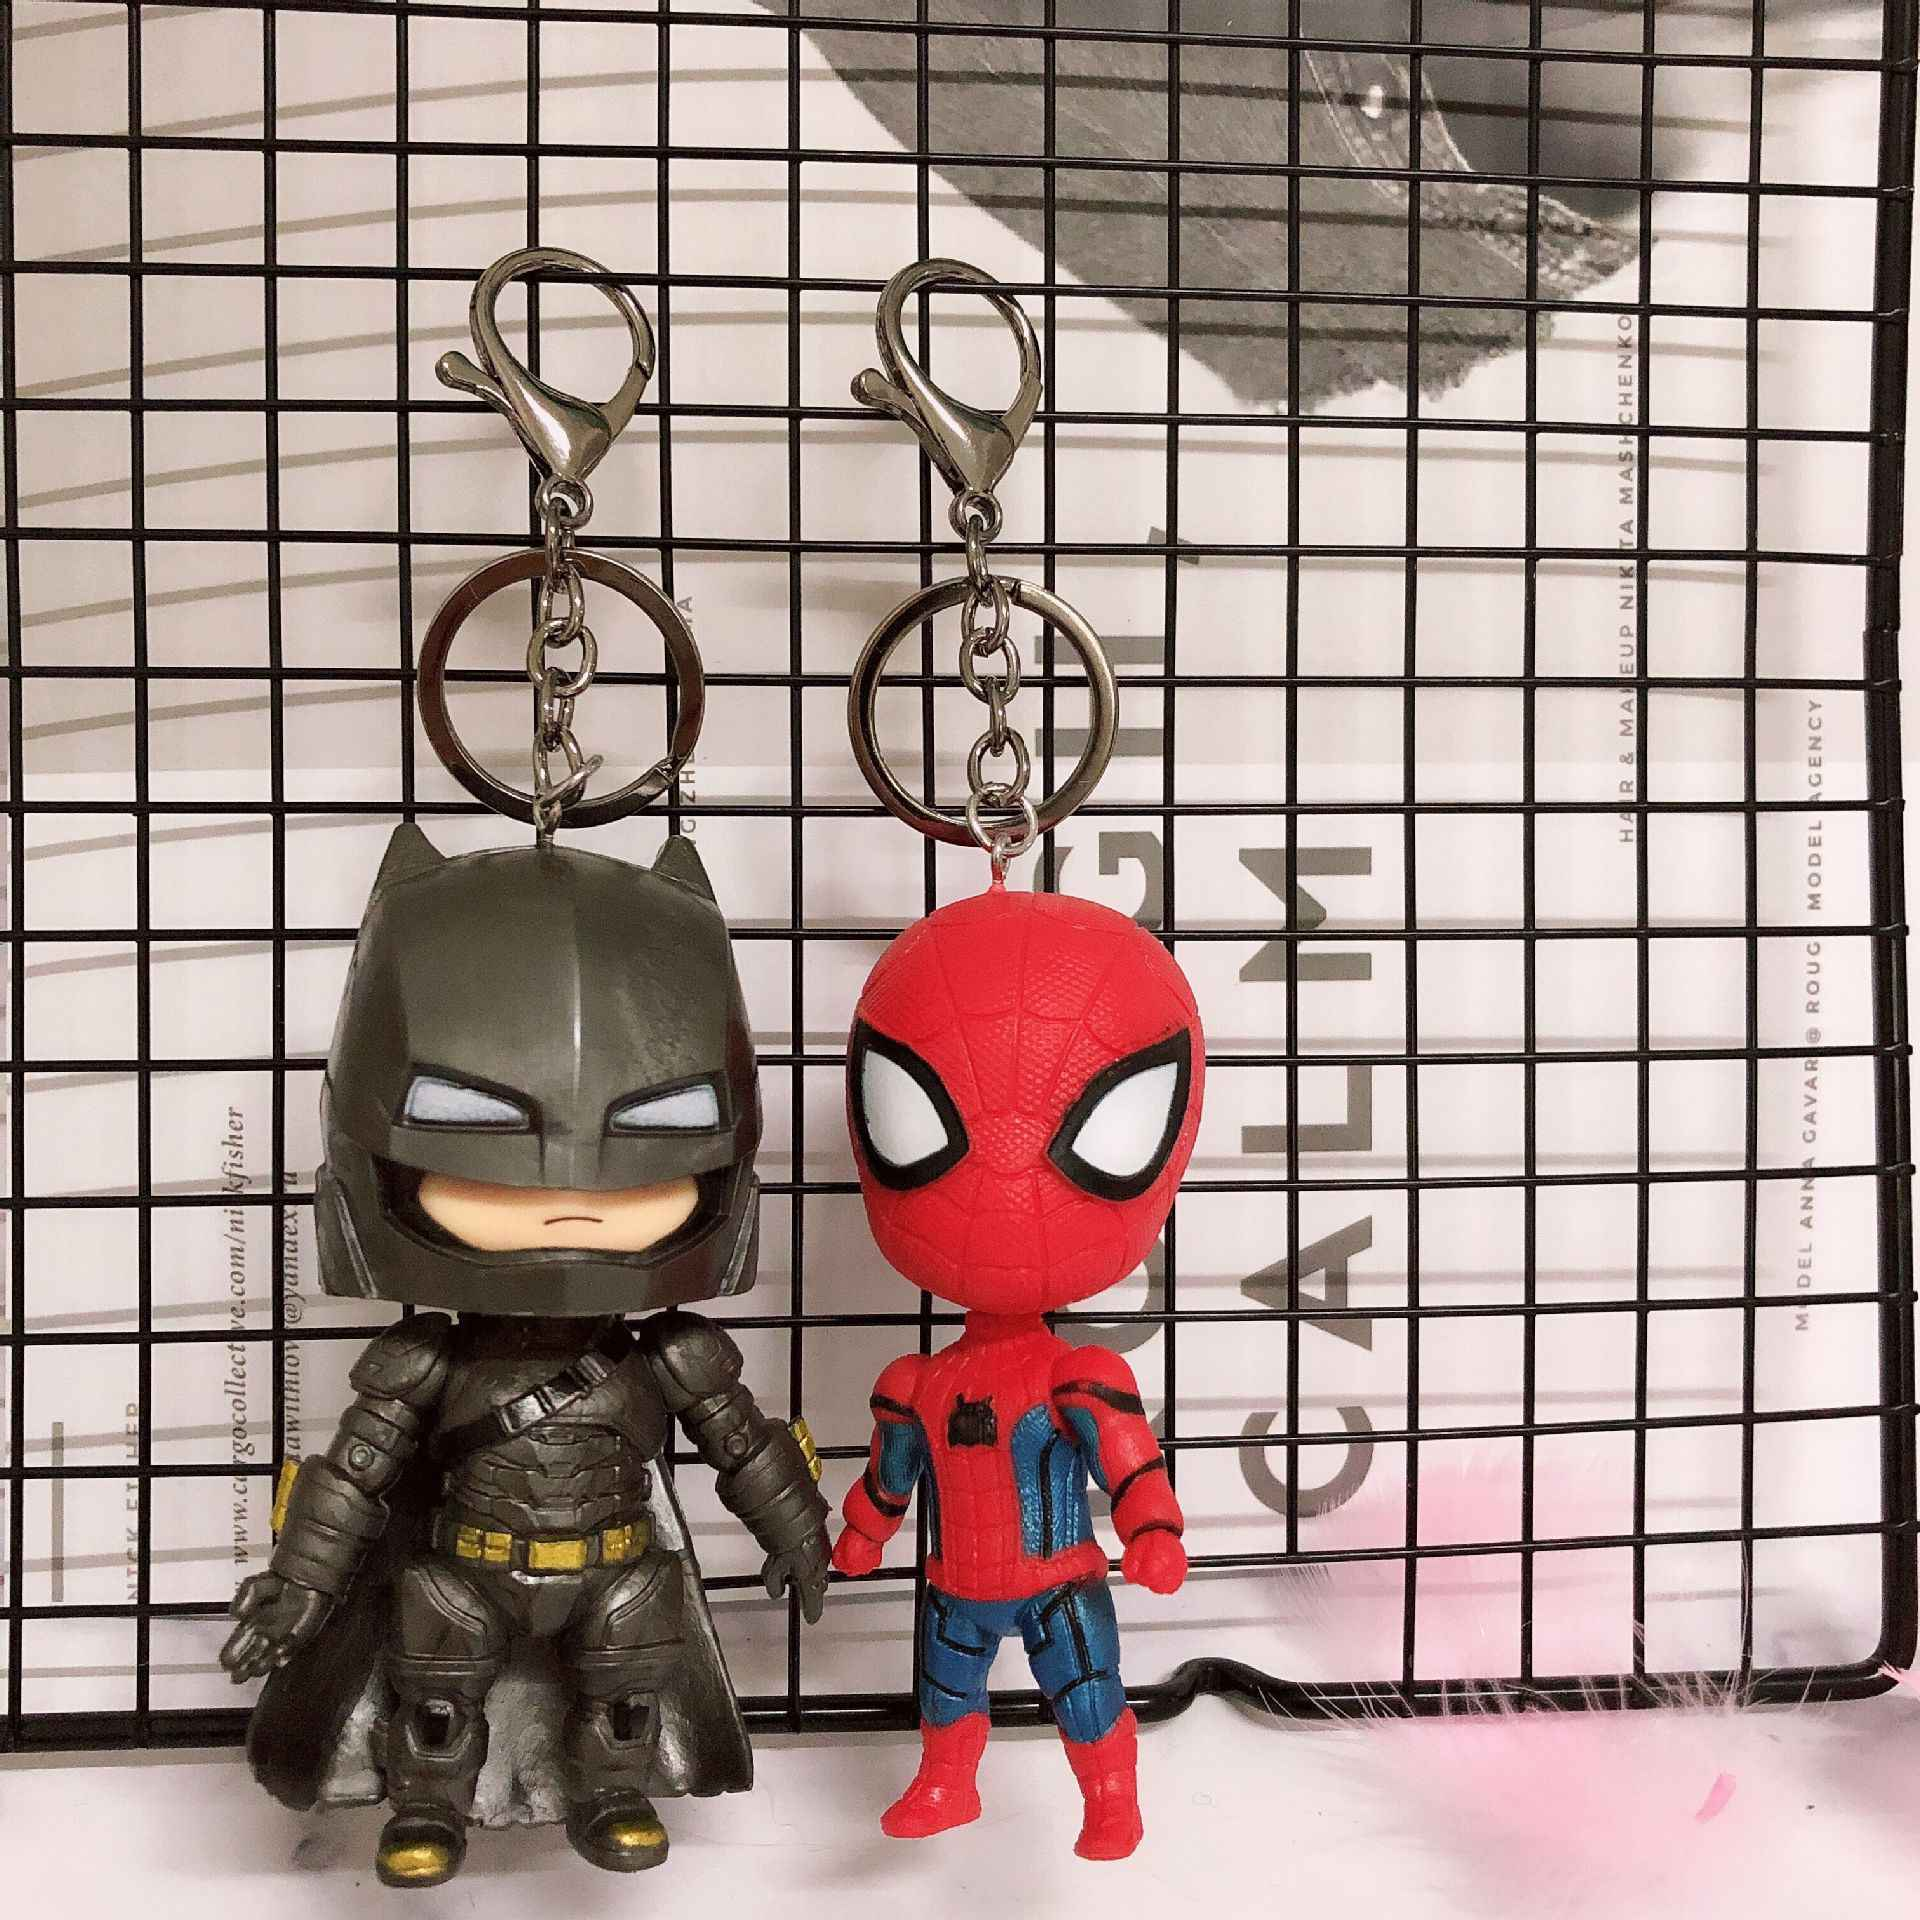 2019 חם FUNKO פופ מקורי דרקון כדור סופרמן נוקמי ספיידרמן באטמן התאבדות Squad דמות בובת אסיפה דגם KeyChain